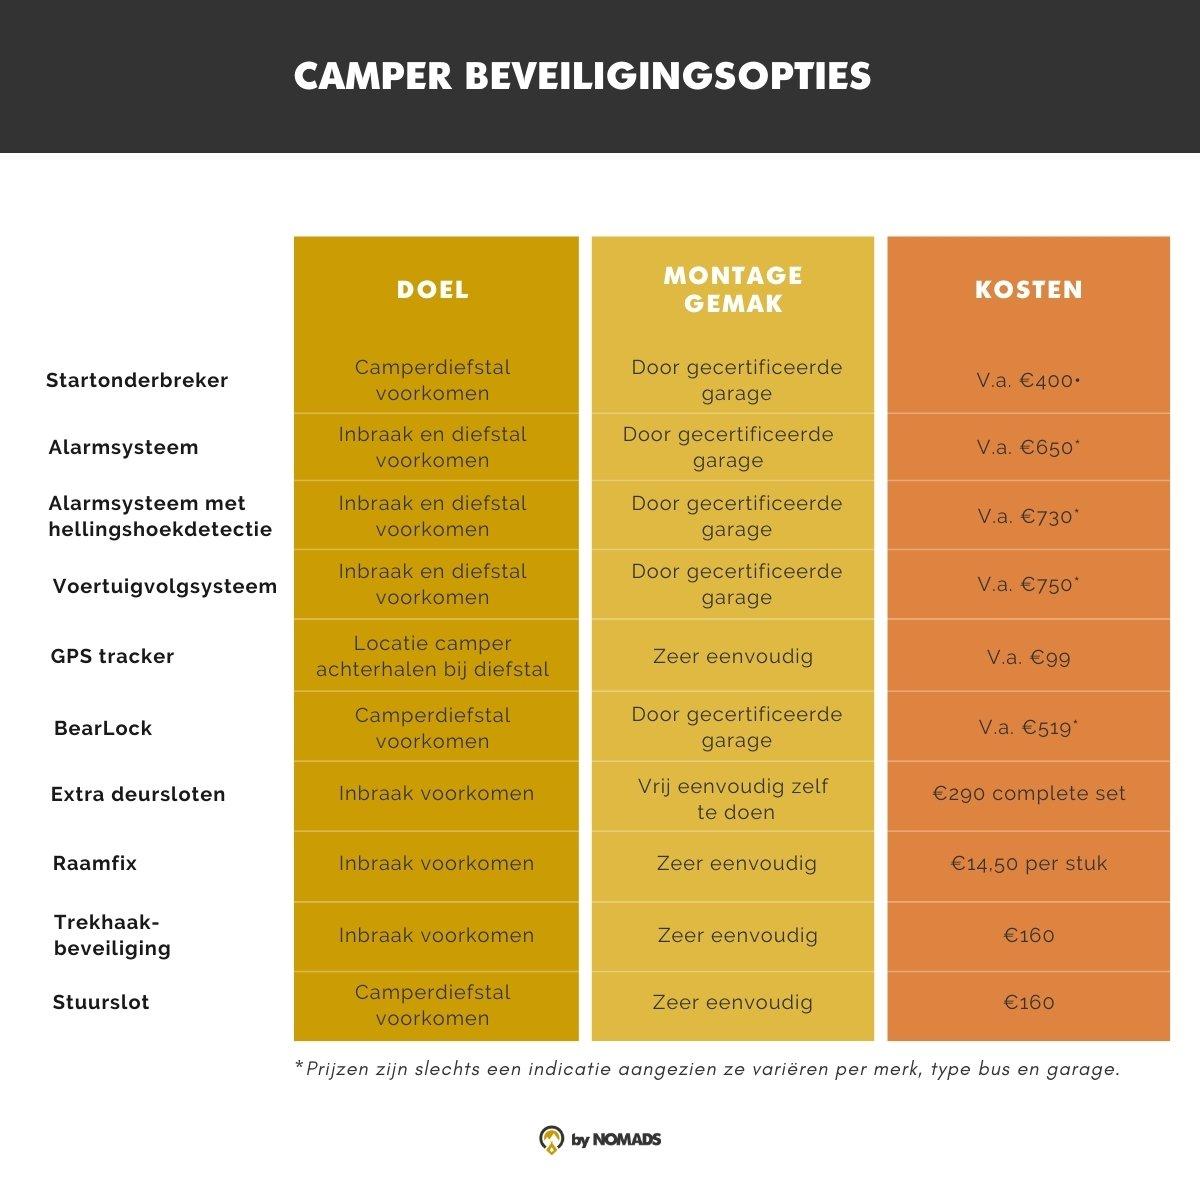 Camper Beveiliging opties